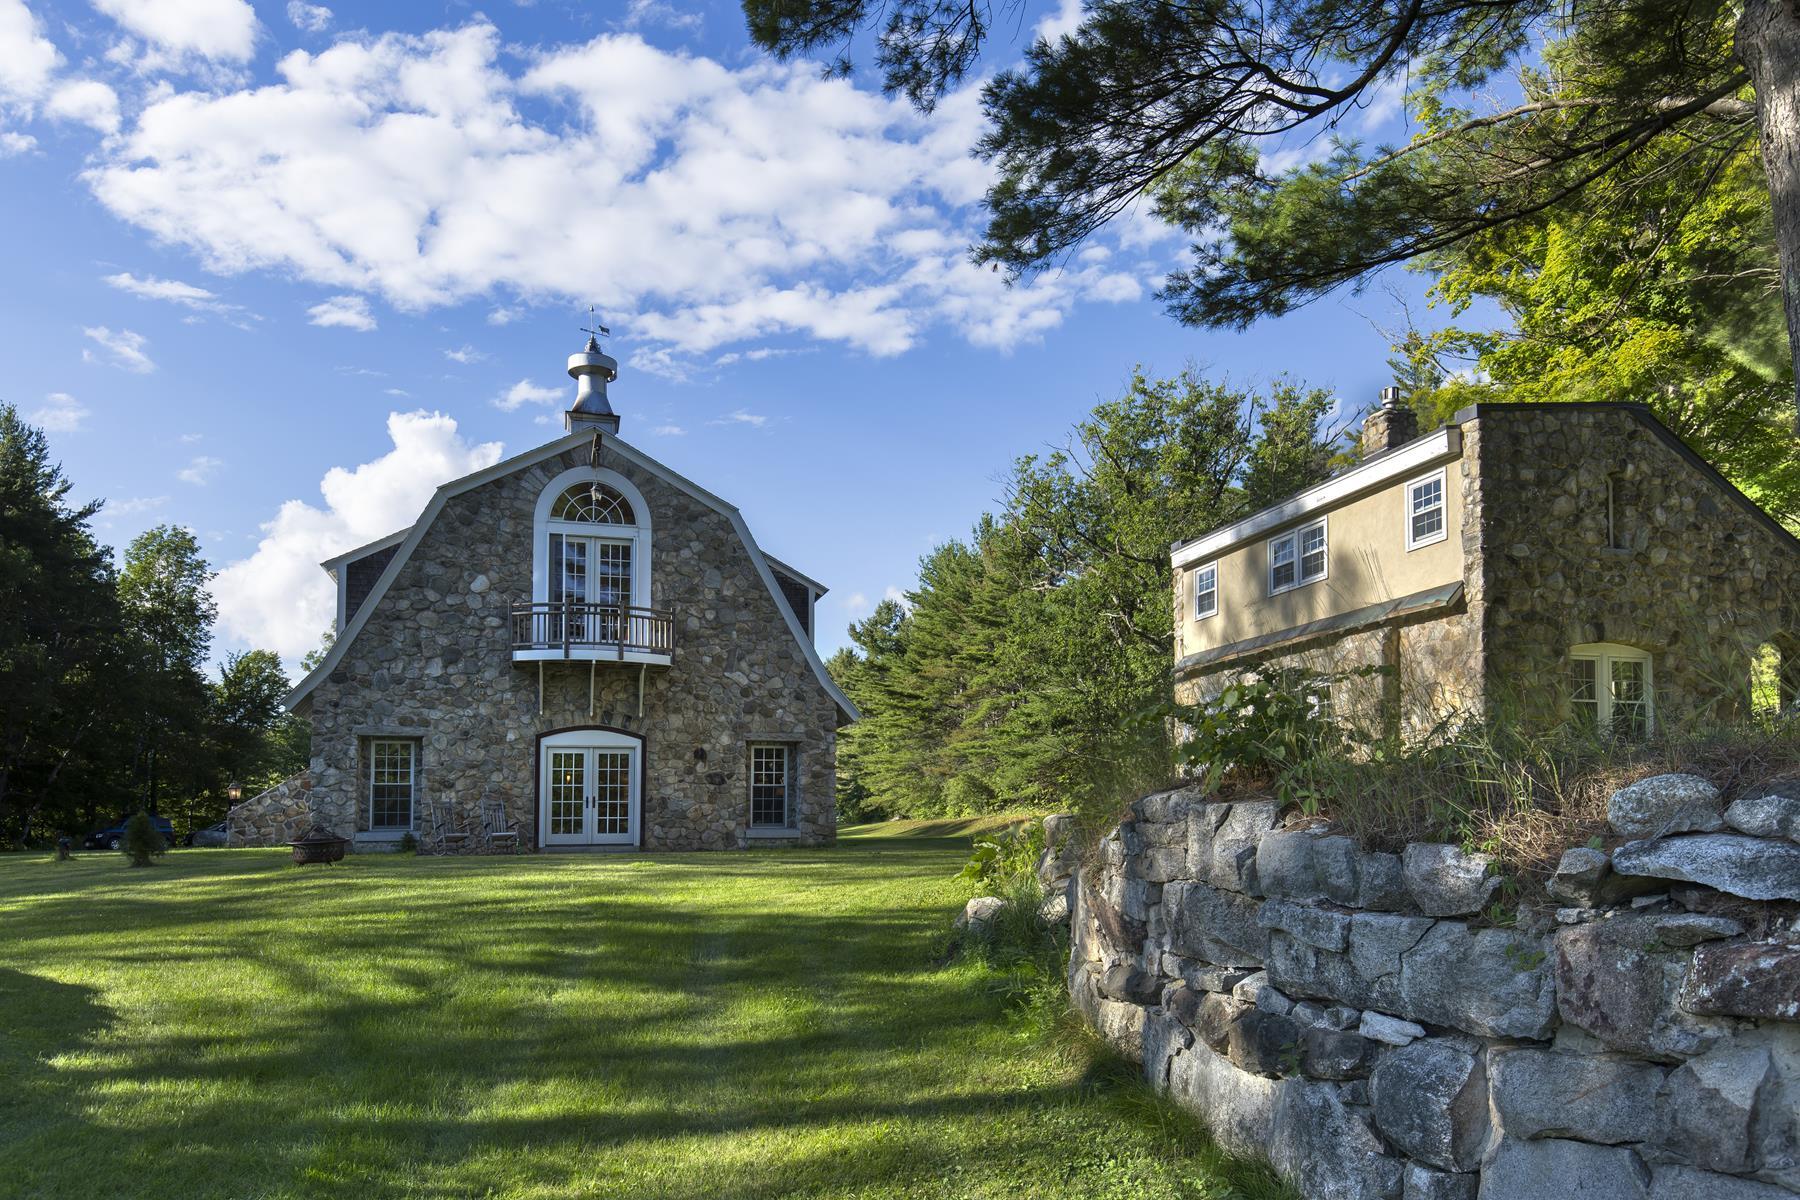 Tek Ailelik Ev için Satış at 4 Malia Terrace, Newbury Newbury, New Hampshire, 03255 Amerika Birleşik Devletleri